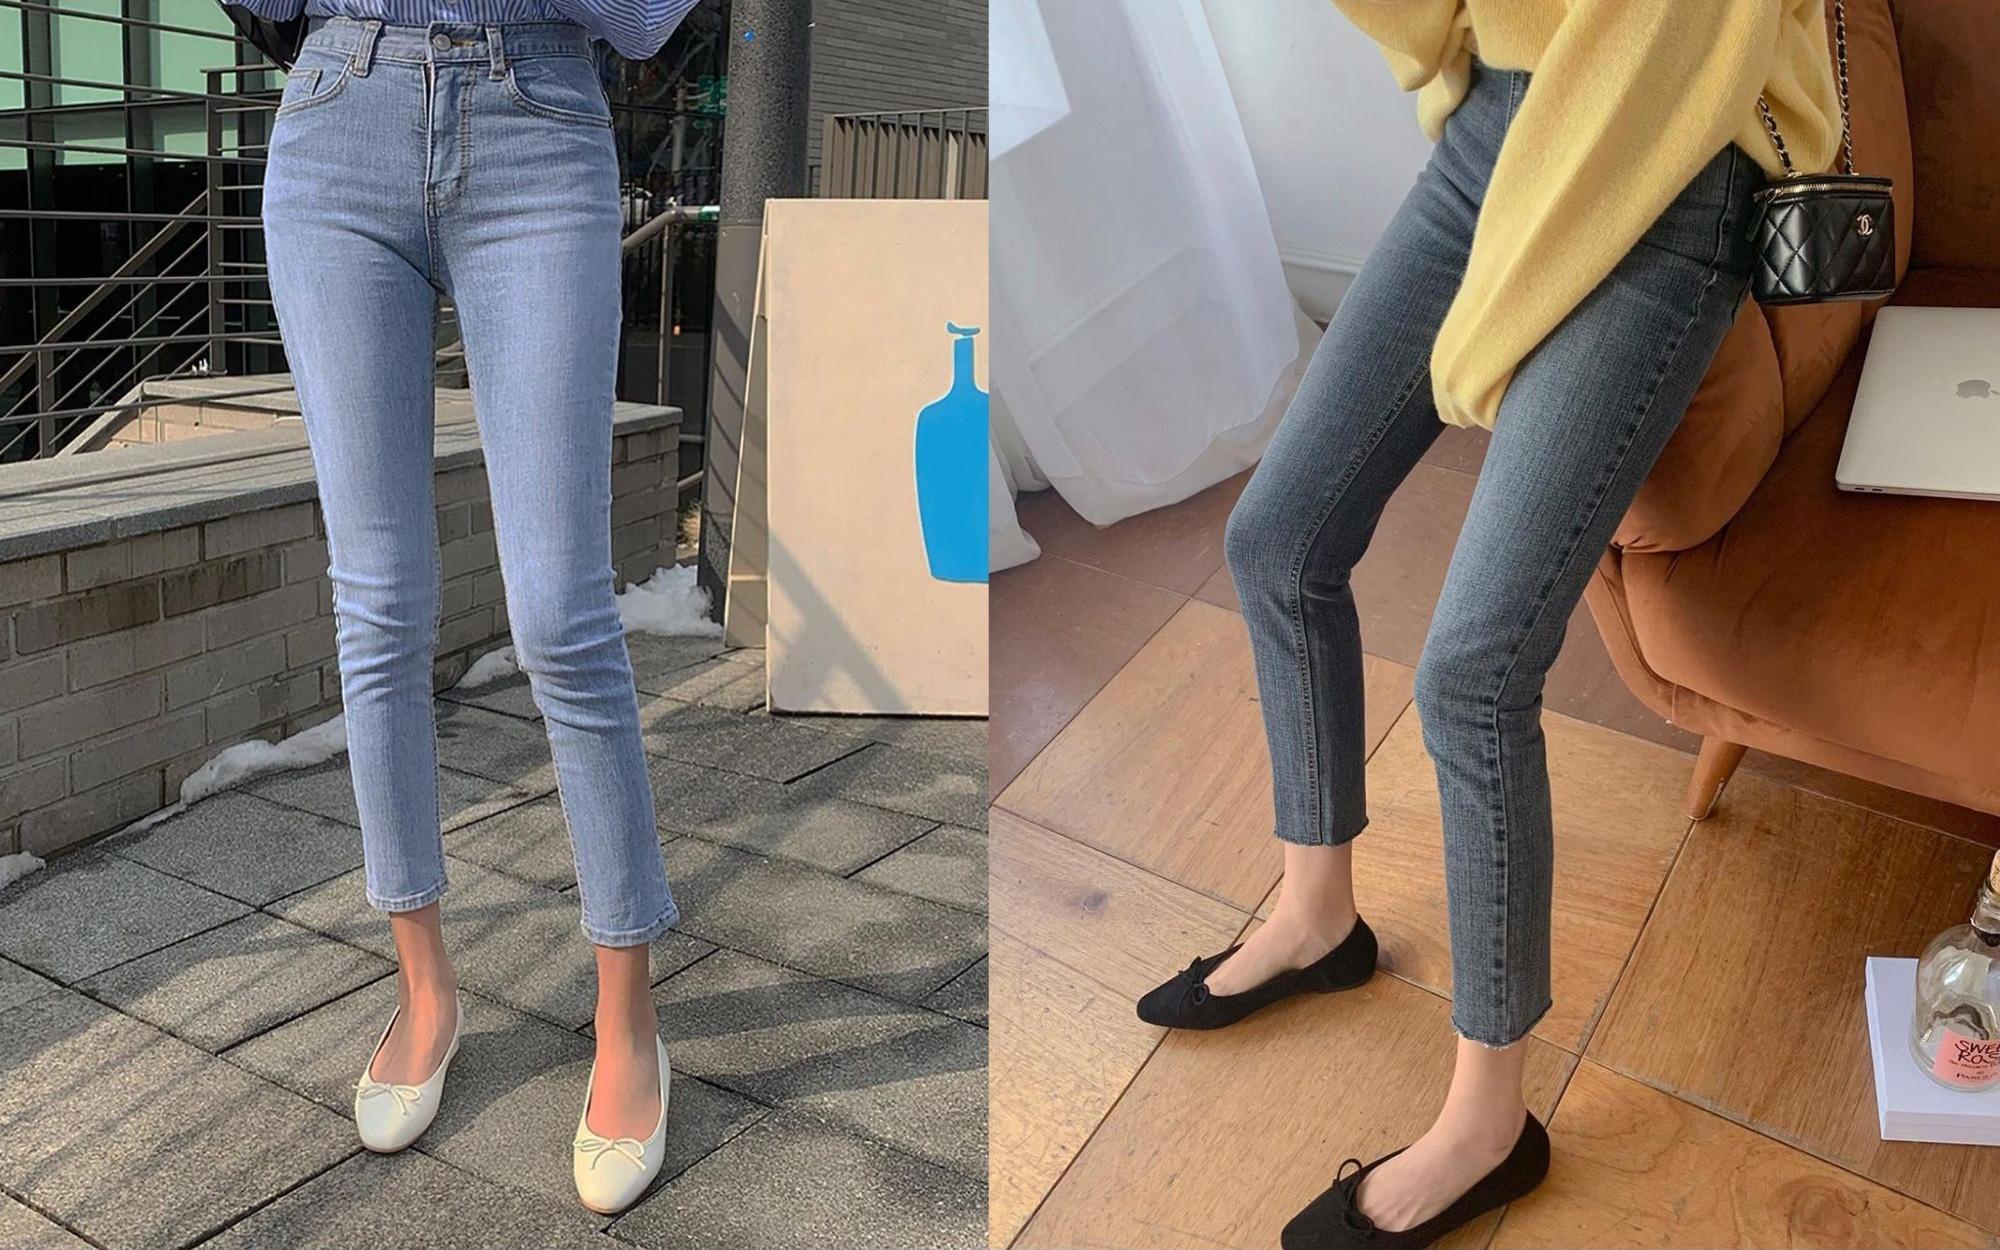 Kiểu giày búp bê hot nhất mùa Xuân: Diện với quần jeans hay váy đều xịn đẹp Ảnh 1